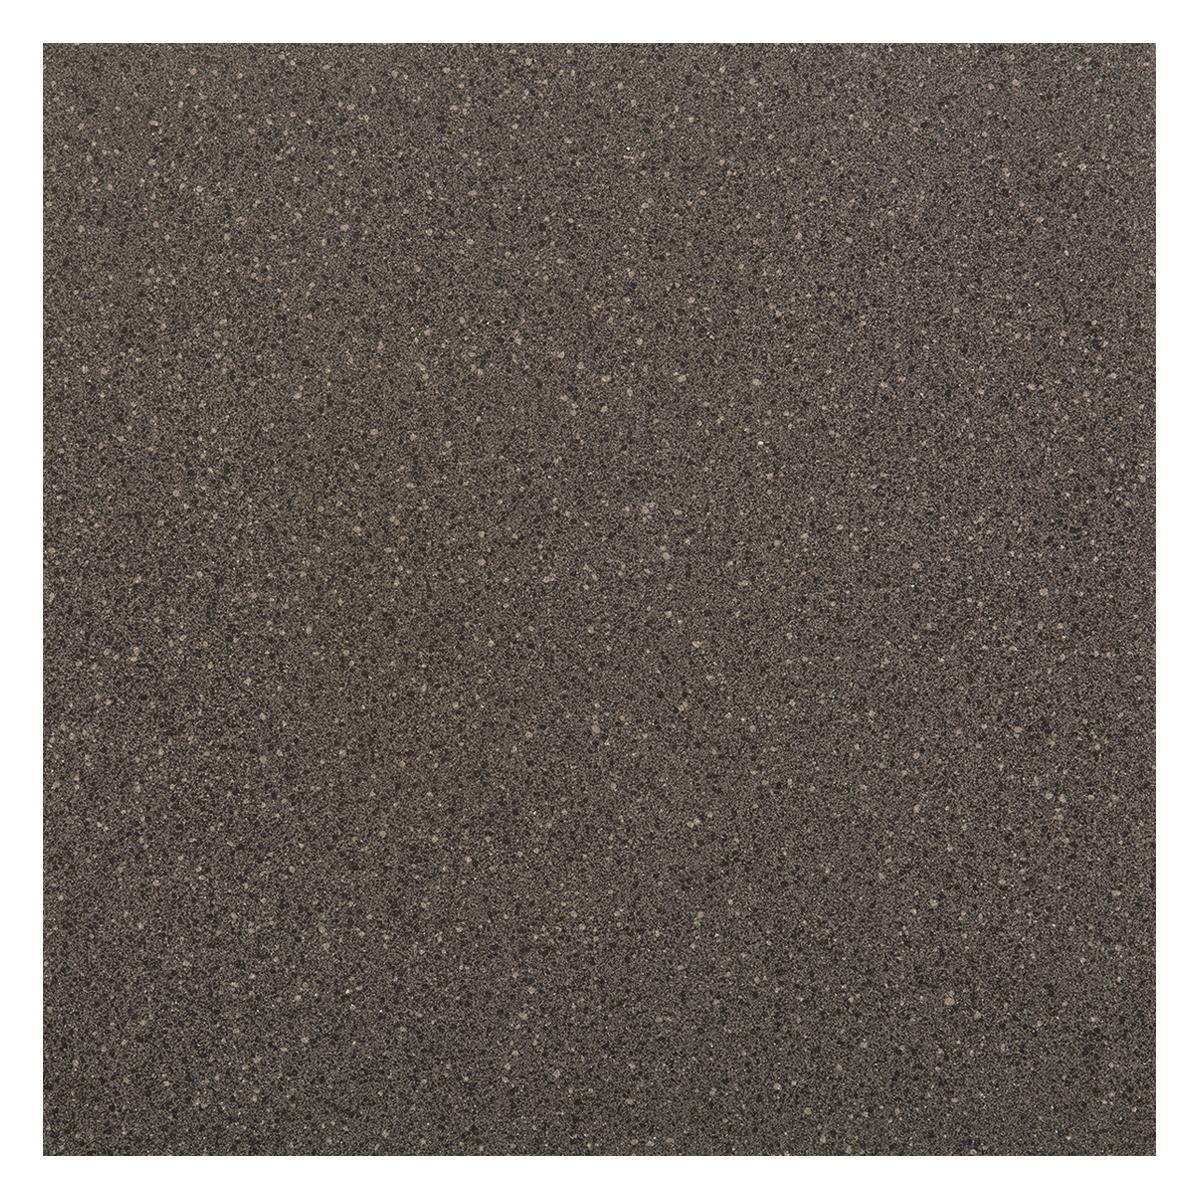 Porcelanato Spot Gris Brillante - 60X60 cm - 1.44 m2